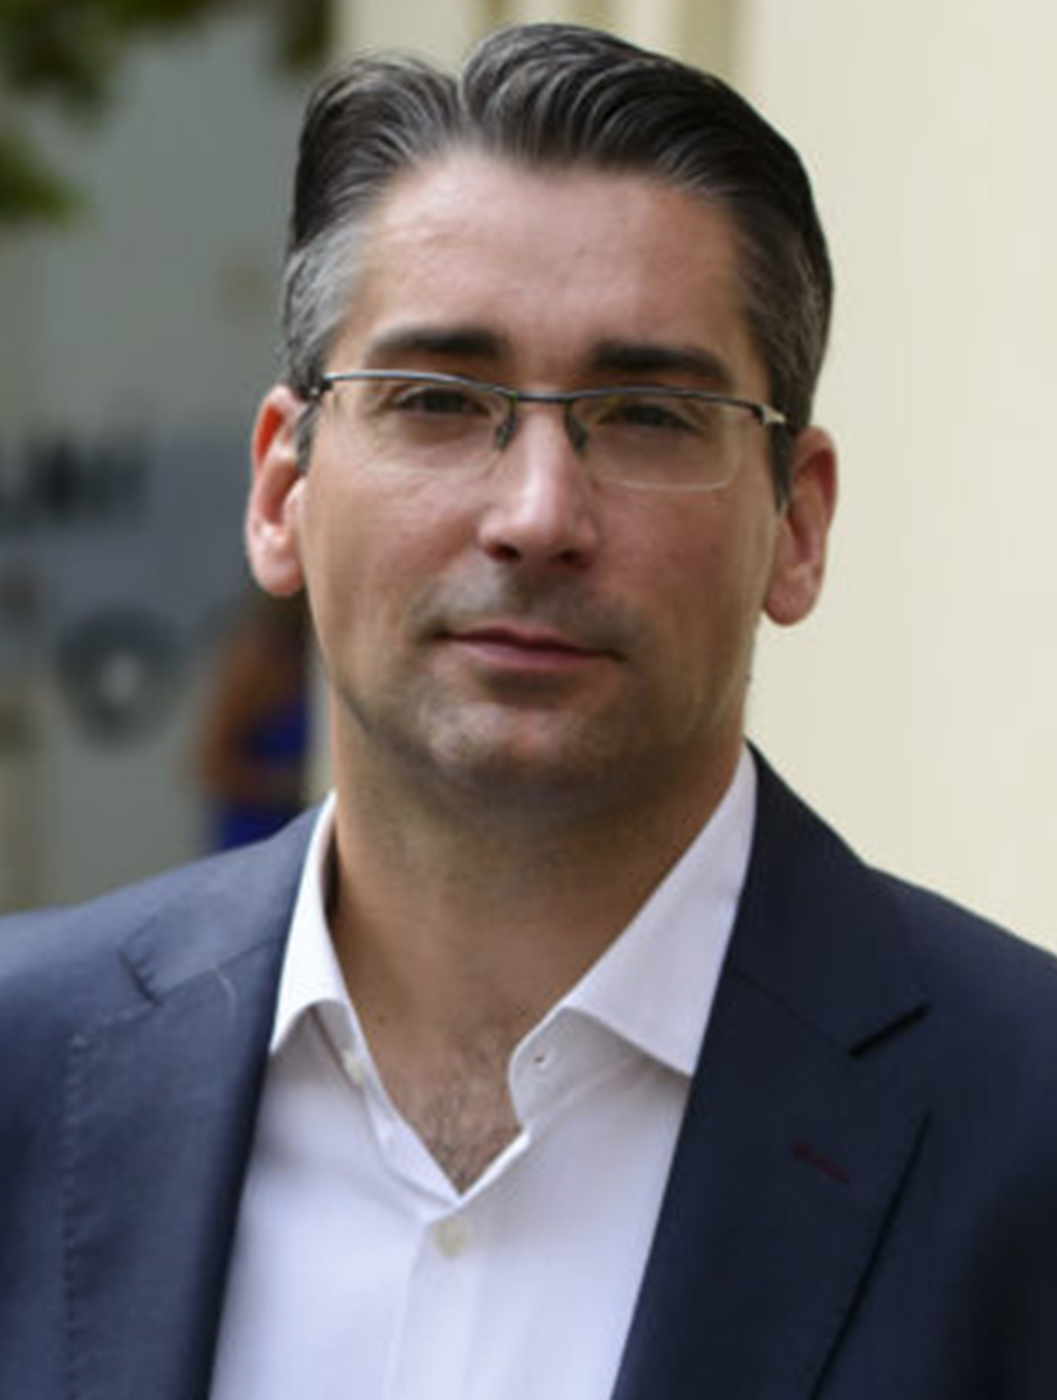 Azurák Csaba